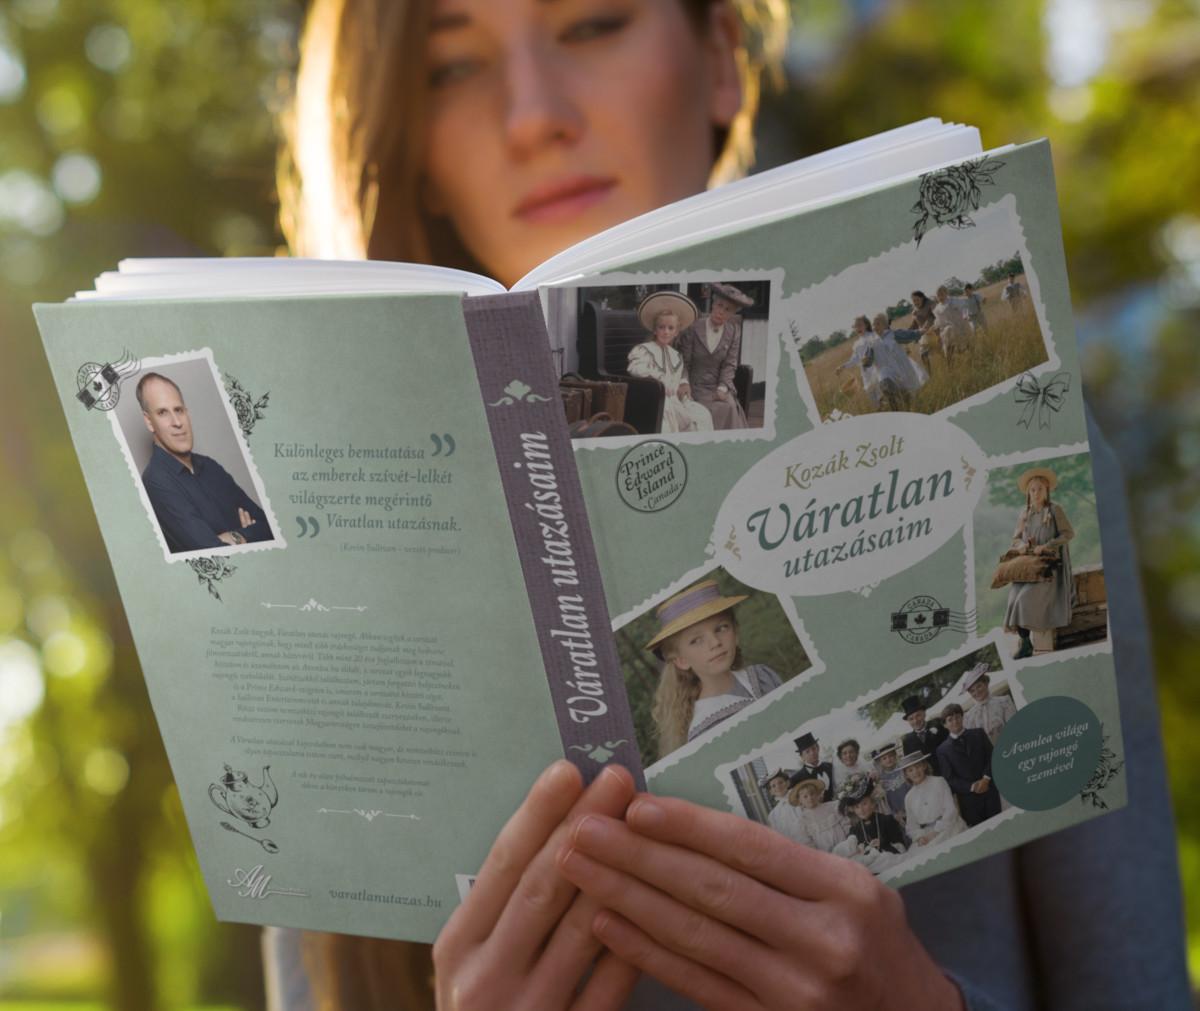 Egy fiatal lány olvassa a Váratlan utazásaim című könyvet